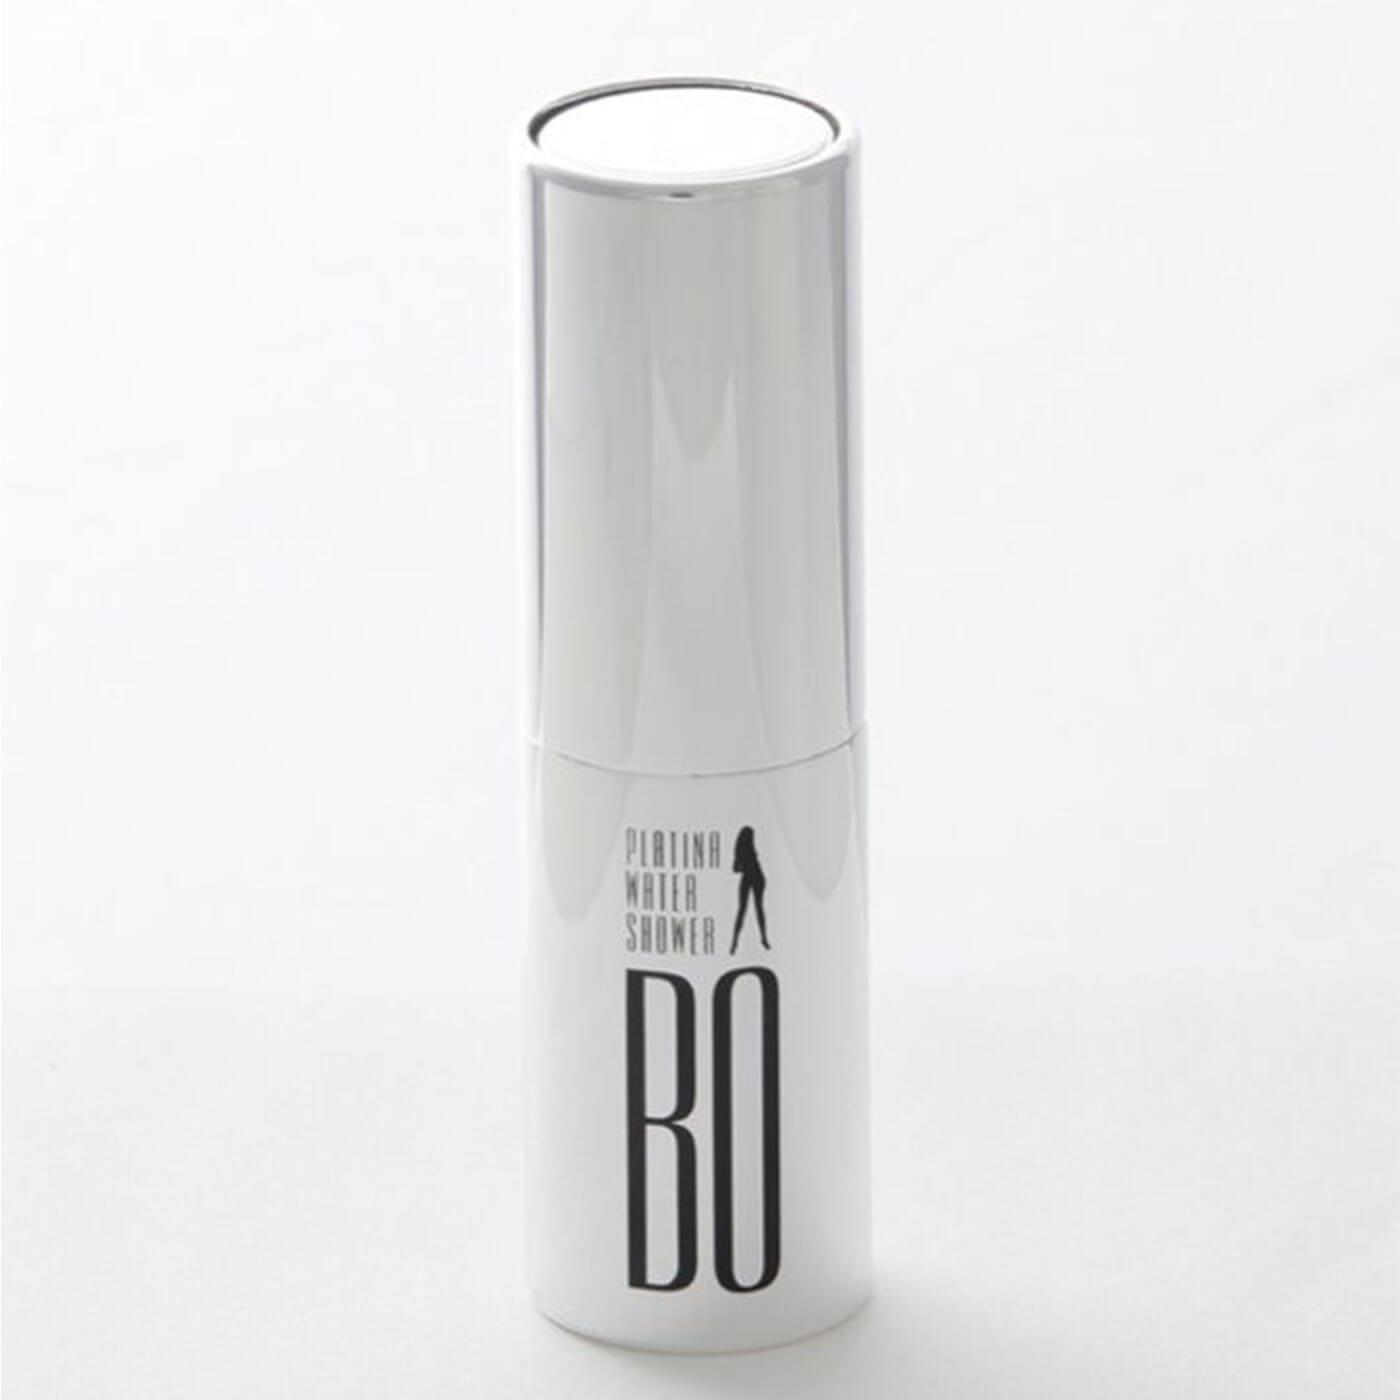 瞬間除菌消臭、BO PLATINA WATER SHOWERの販売開始しました。